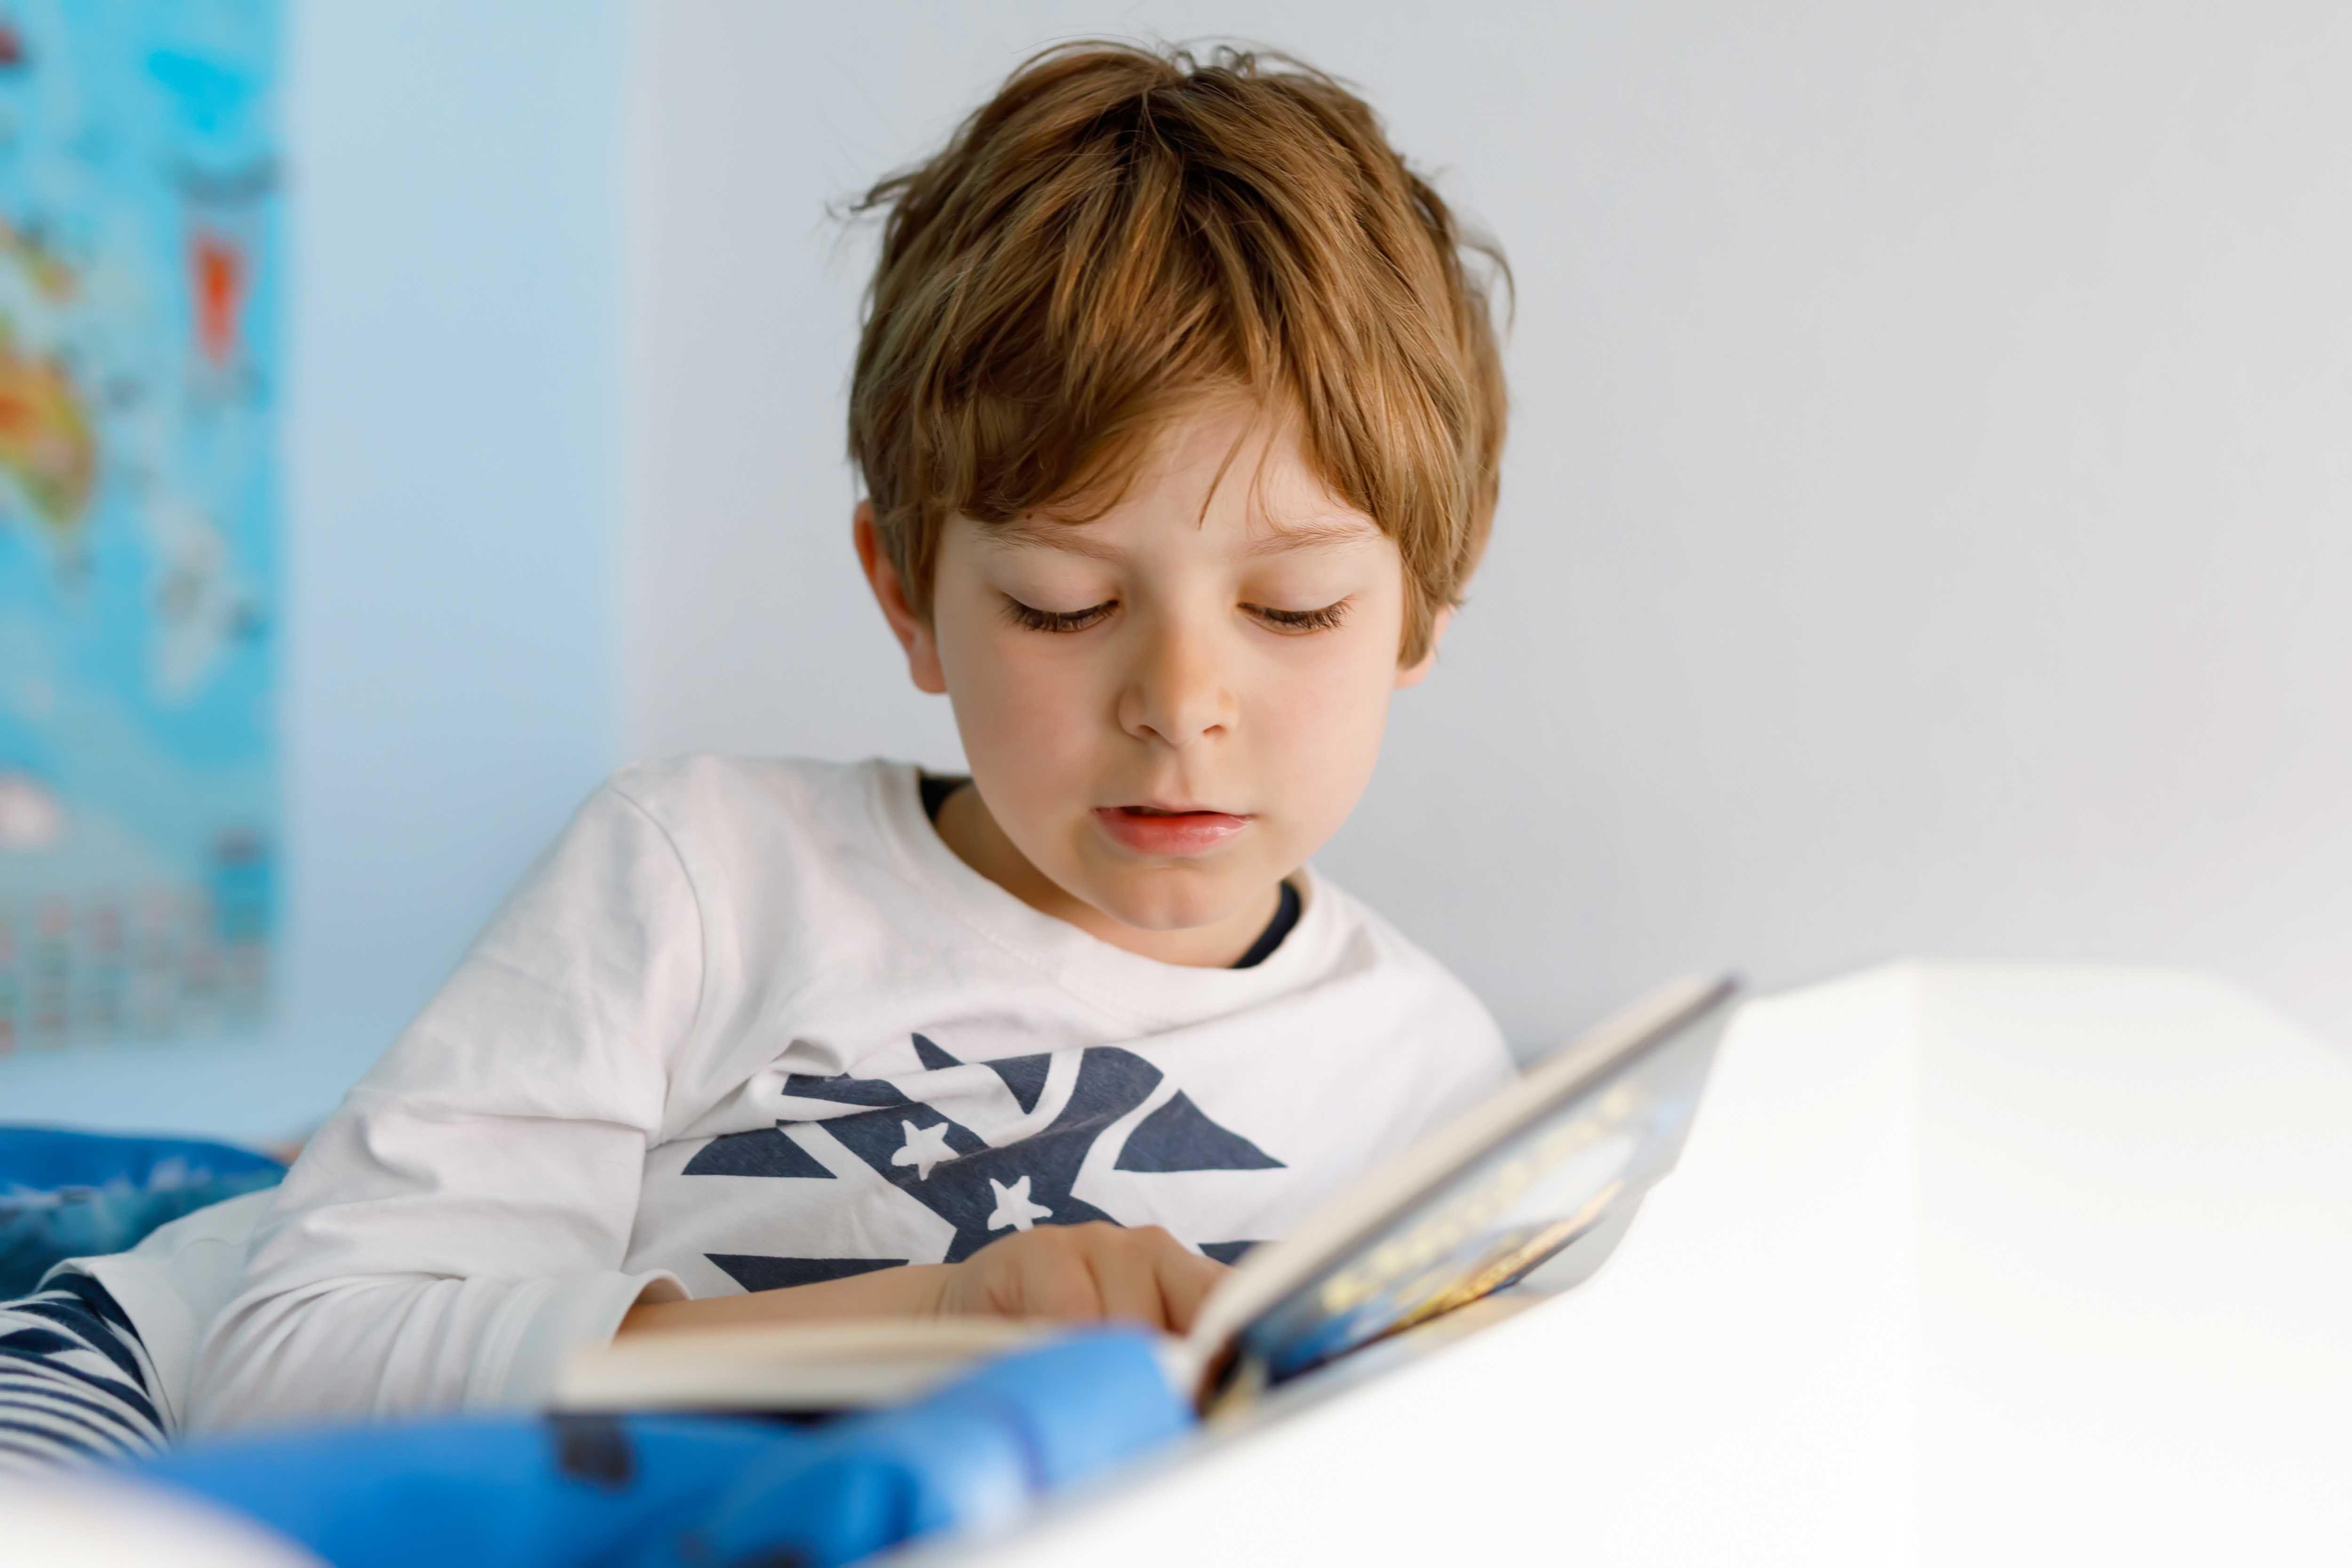 Muchas veces, los chicos no están en condiciones de determinar con precisión si no ven bien, por lo que es responsabilidad de los adultos llevarlos al control oftalmológico.